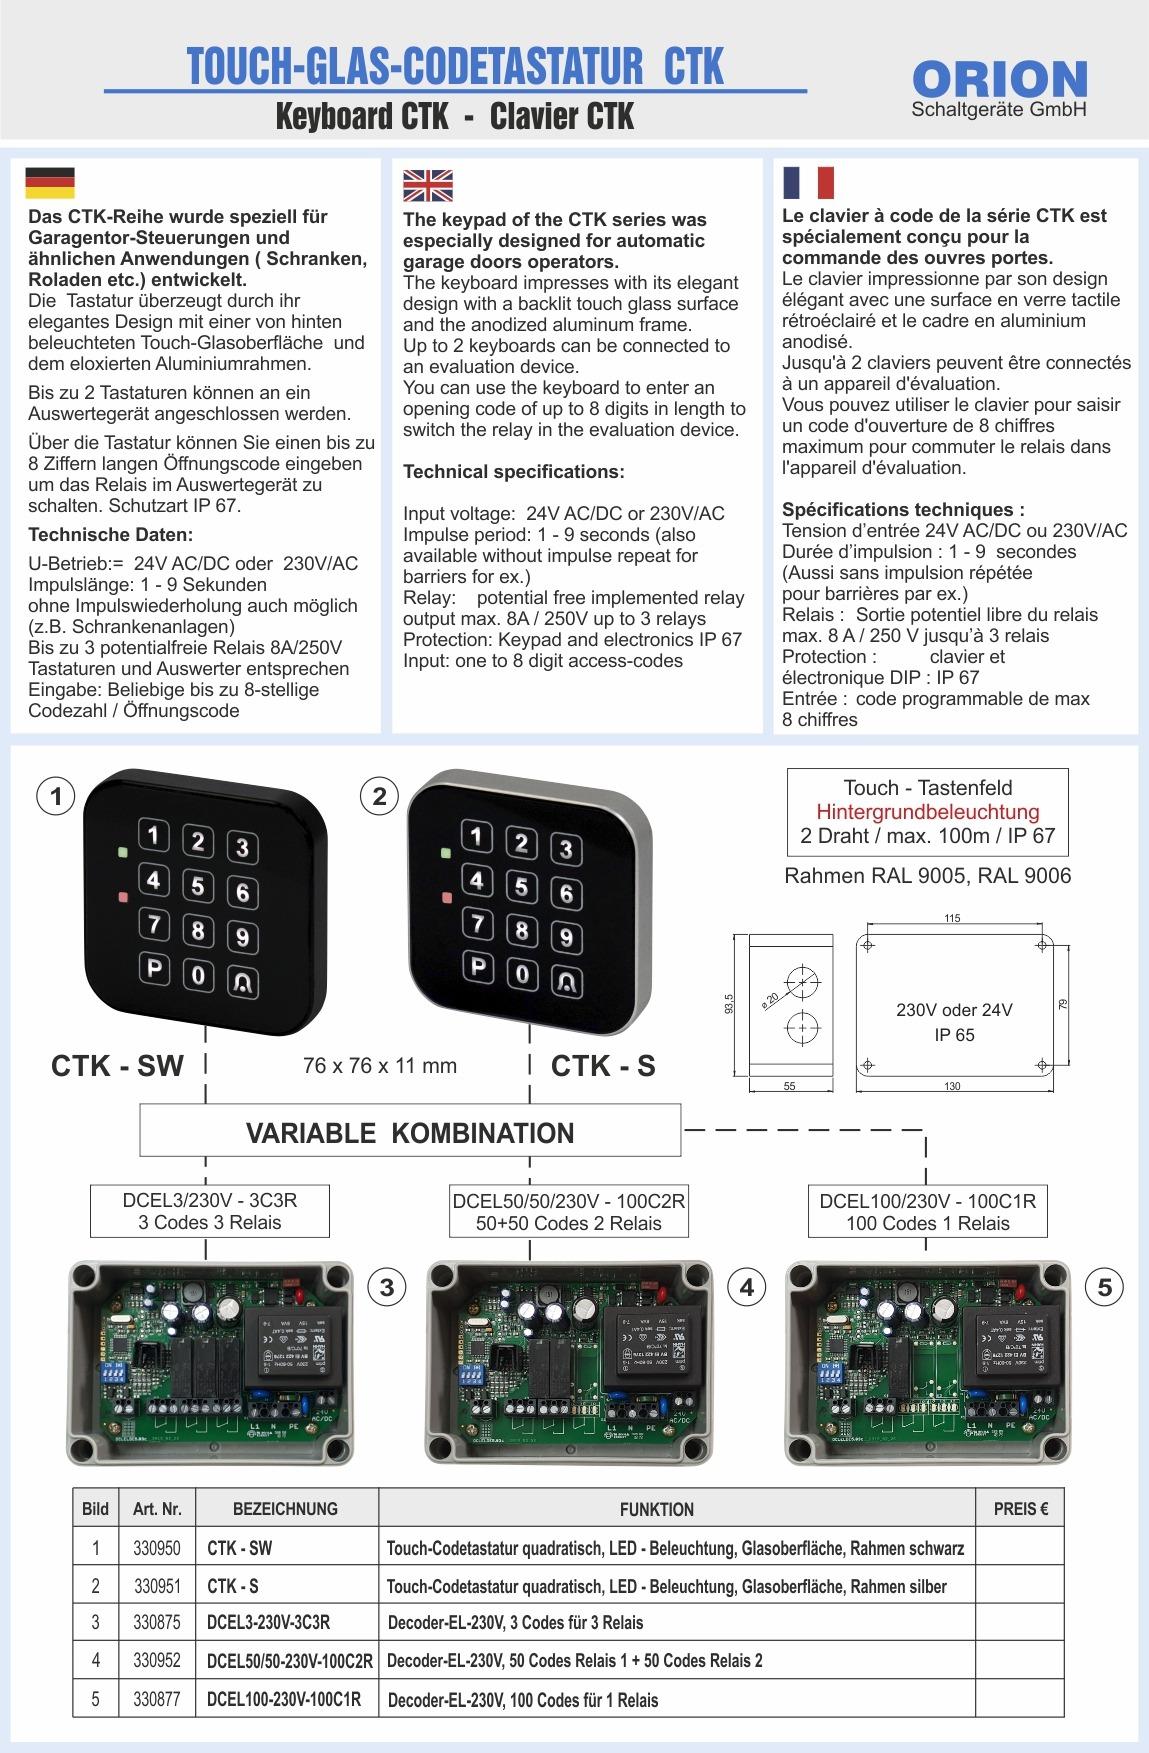 Touch-Codetaster Codetastatur Codeschloss